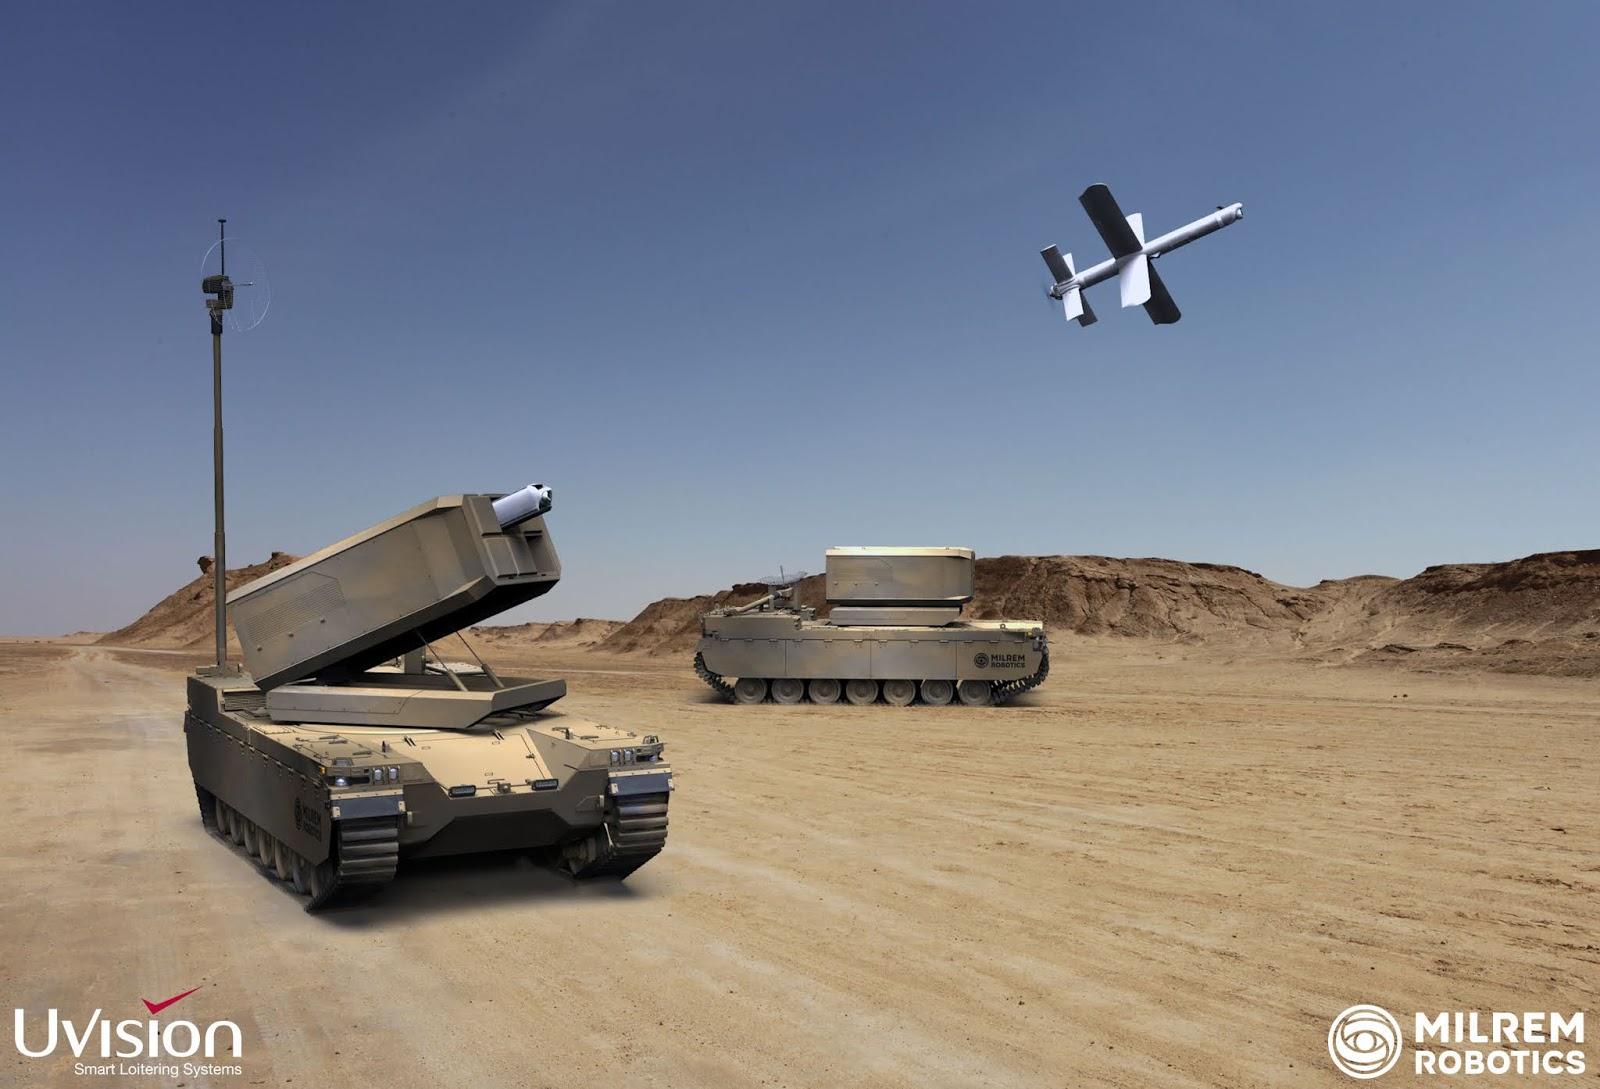 Естонська Milrem Robotics отримала європейський грант на розробку наземних безпілотників